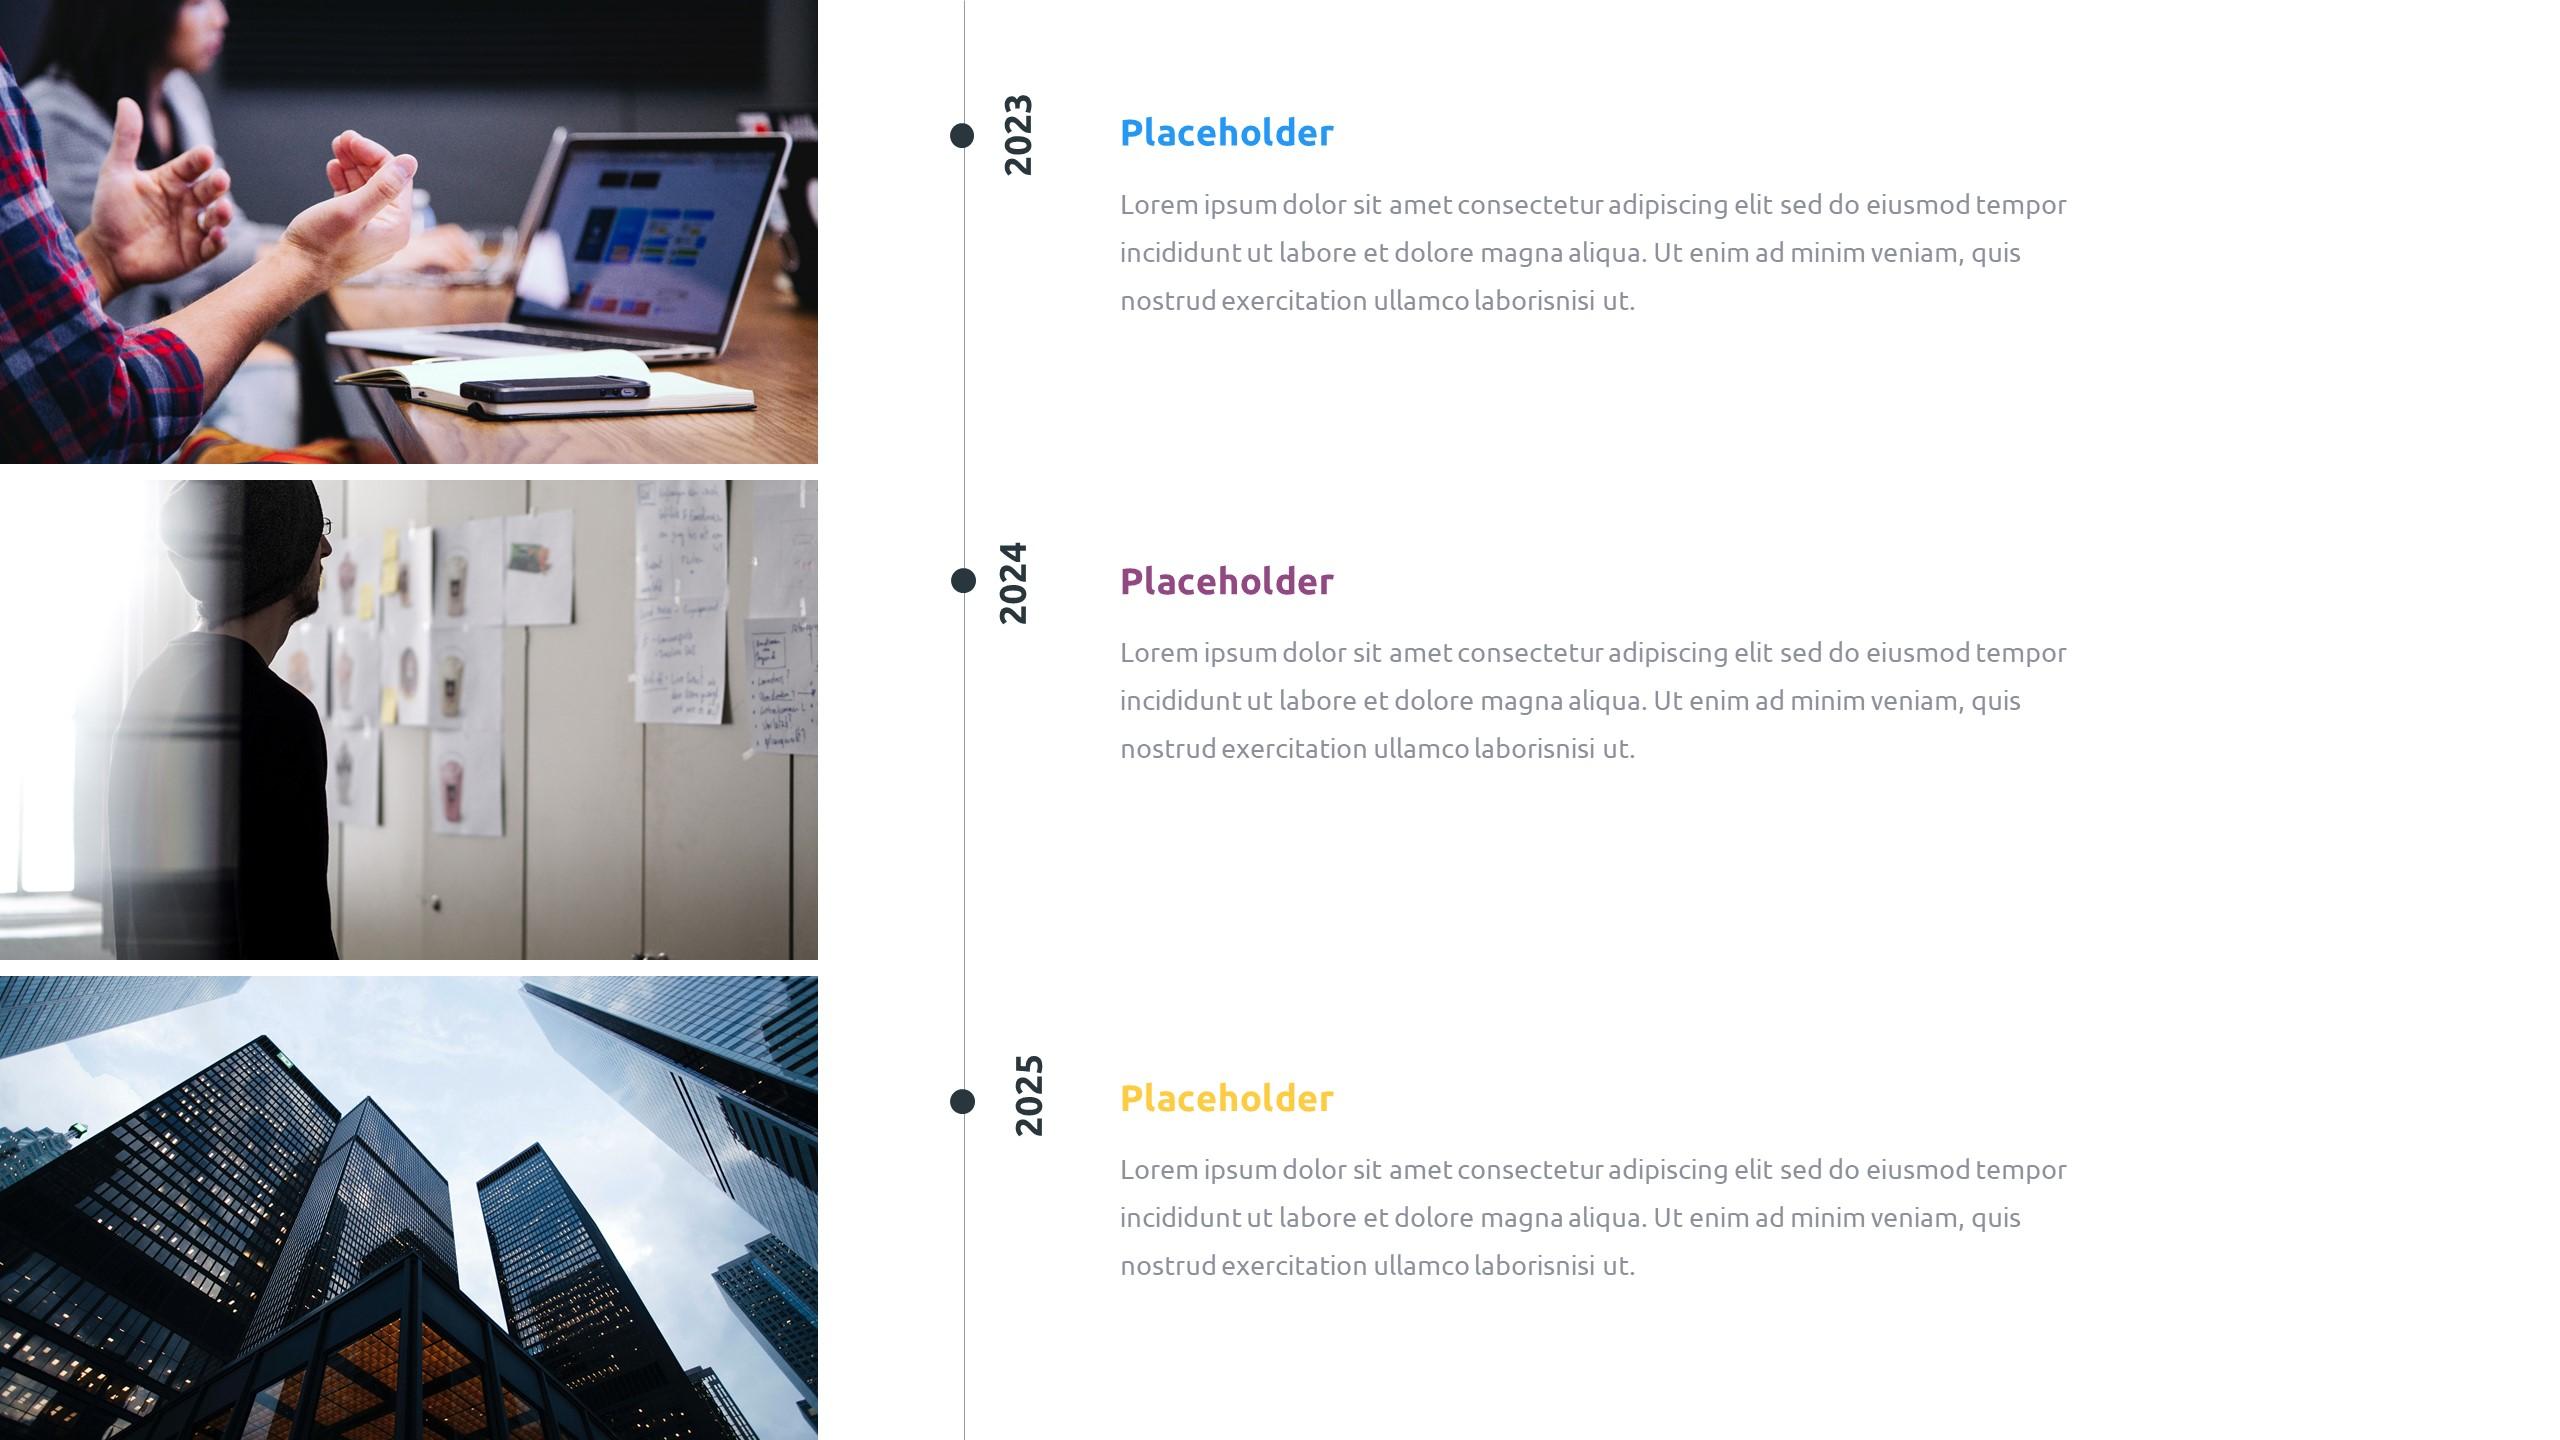 36 Timeline Presentation Templates: Powerpoint, Google Slides, Keynote - Slide14